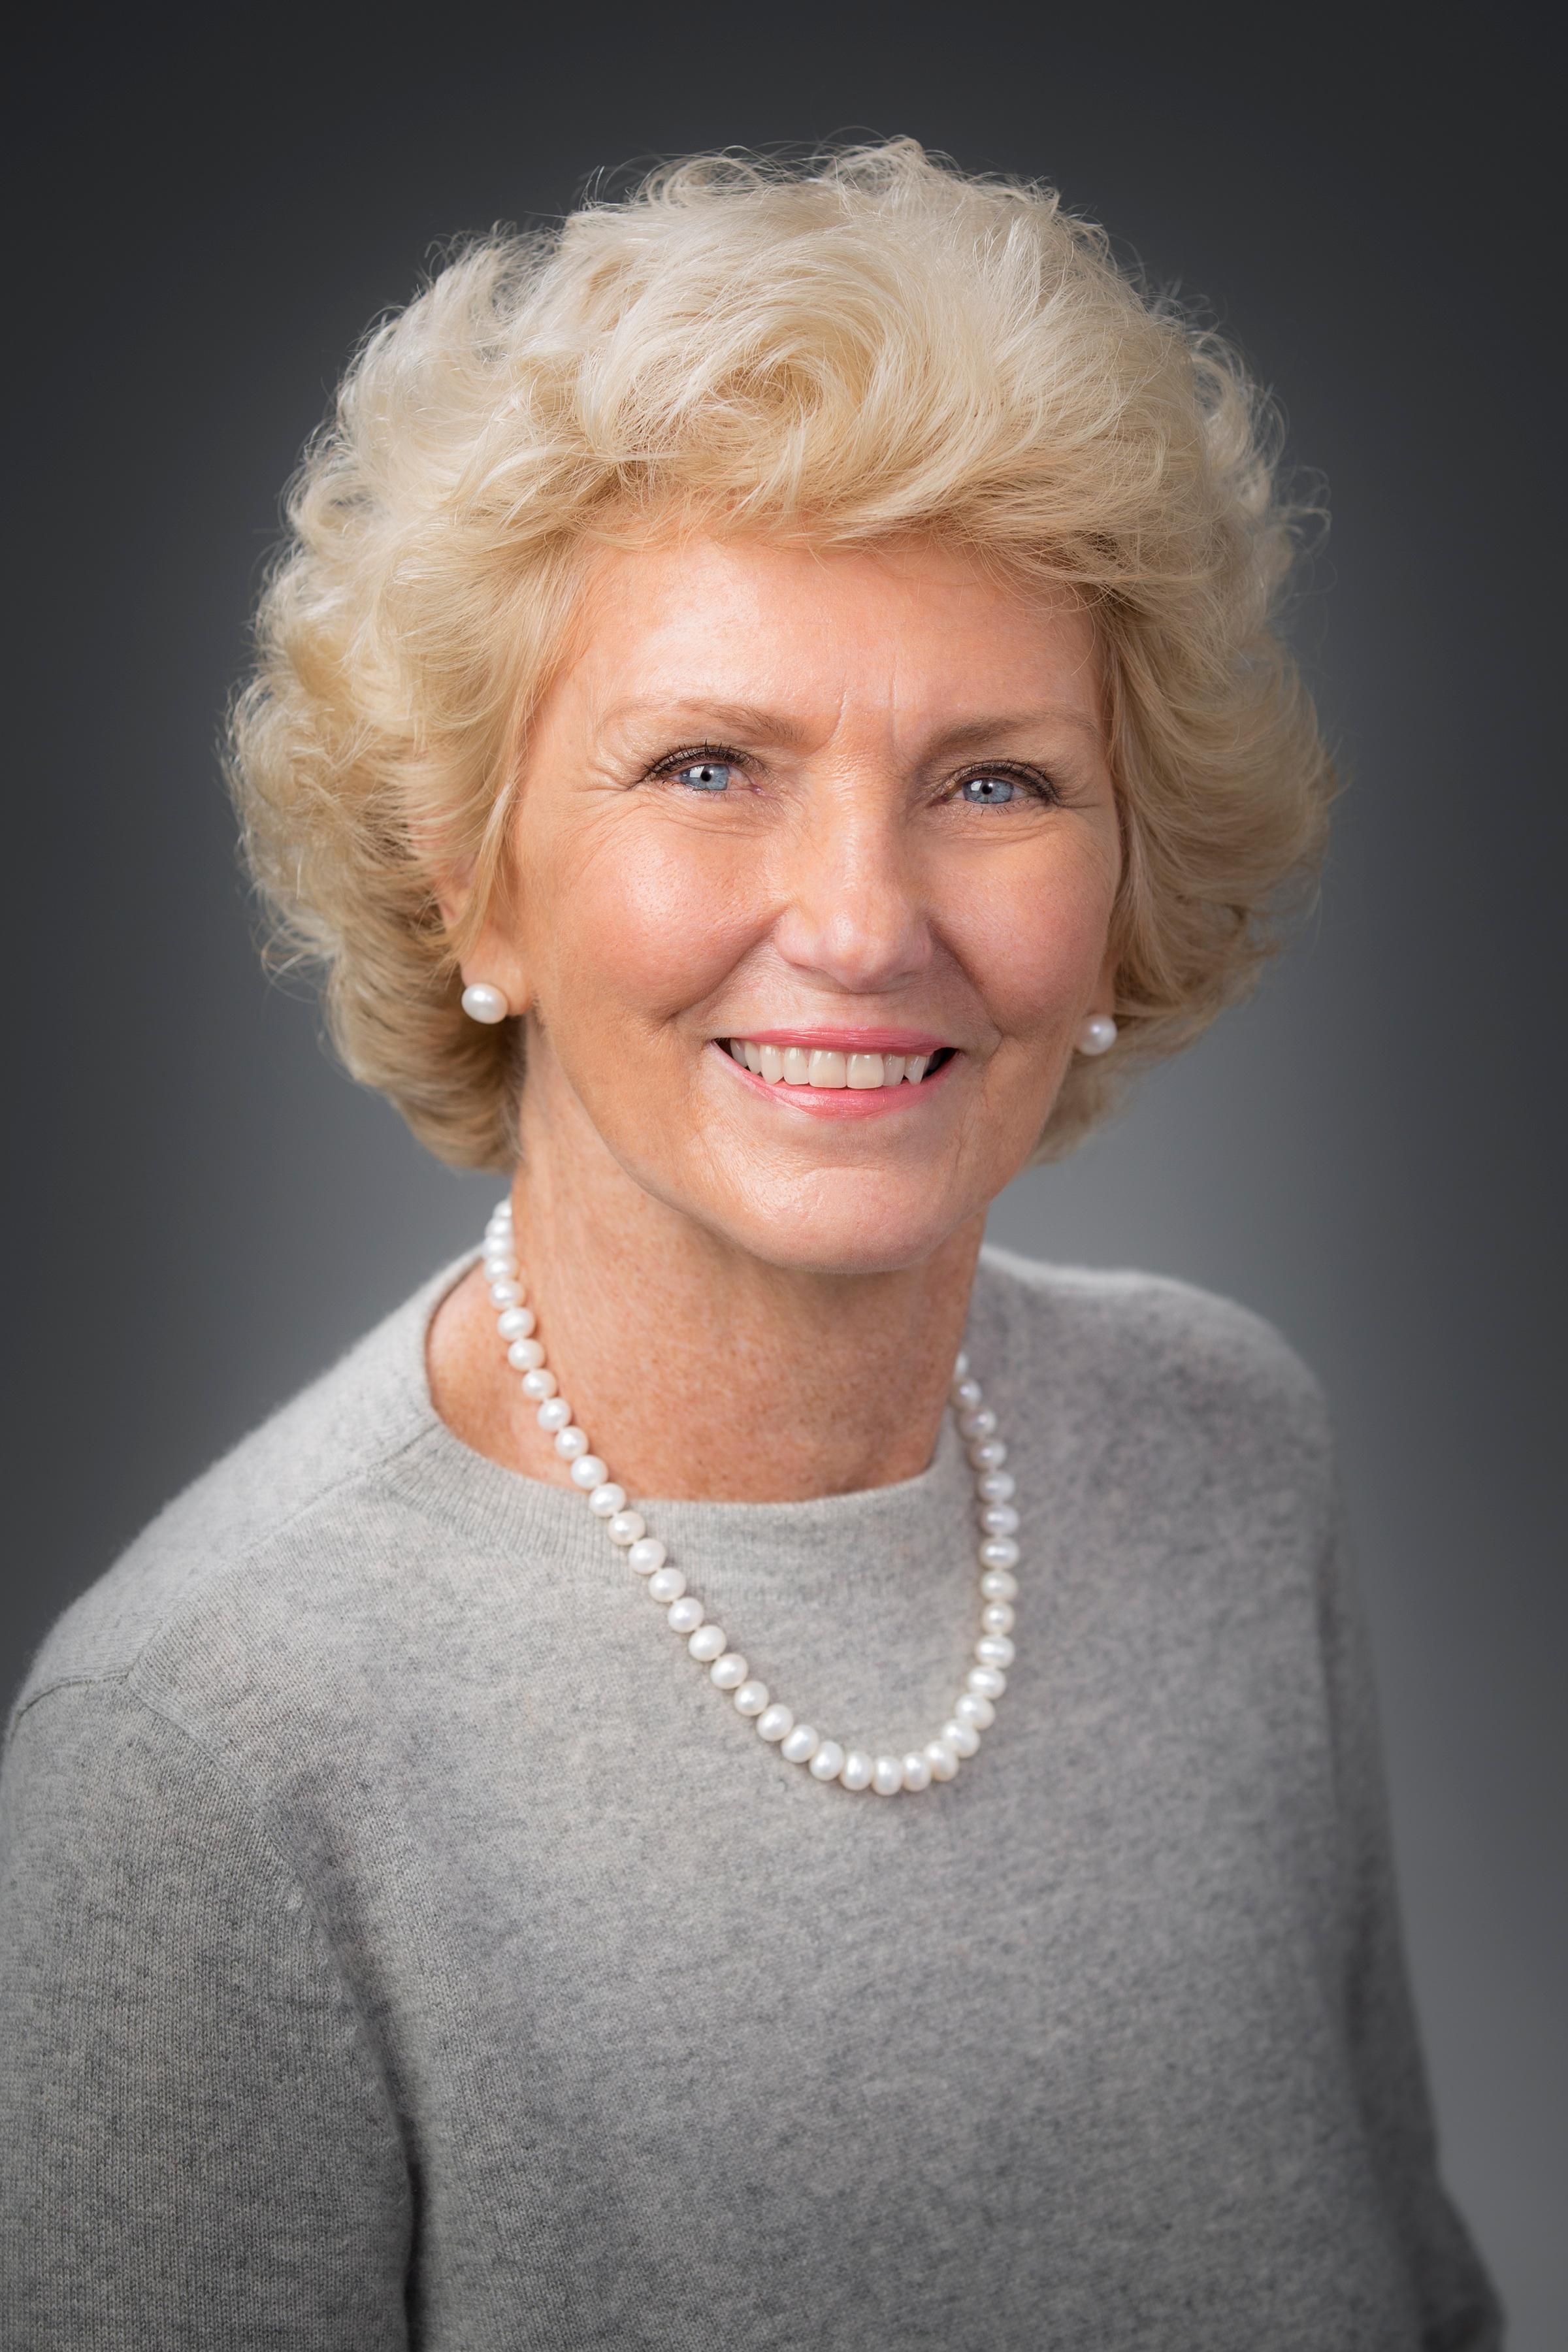 Cheryl Ryland, LISW-S, President & CEO, The Center for Balanced Living